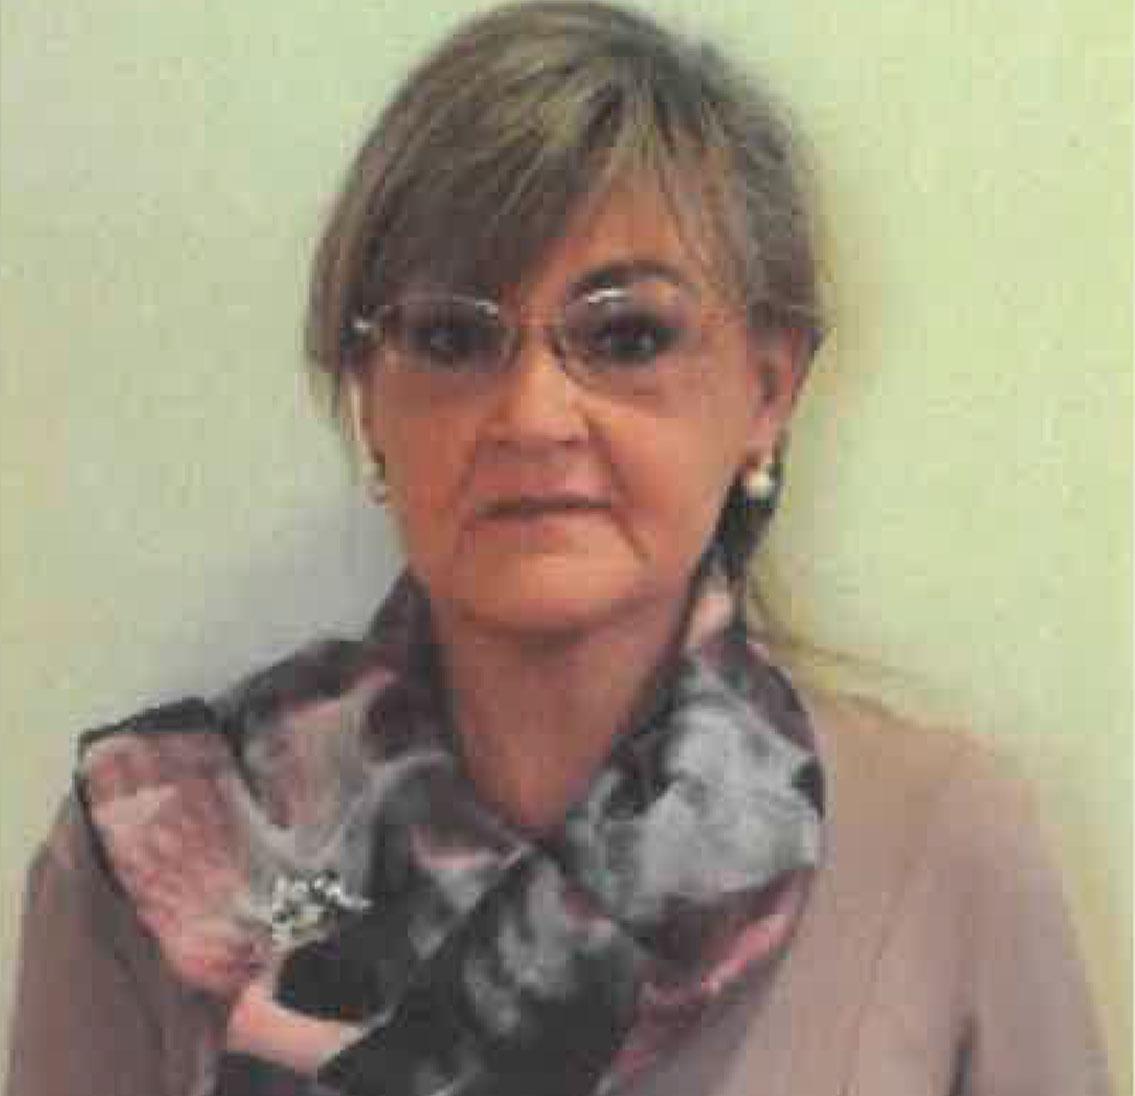 Dra. Victoria Martorell